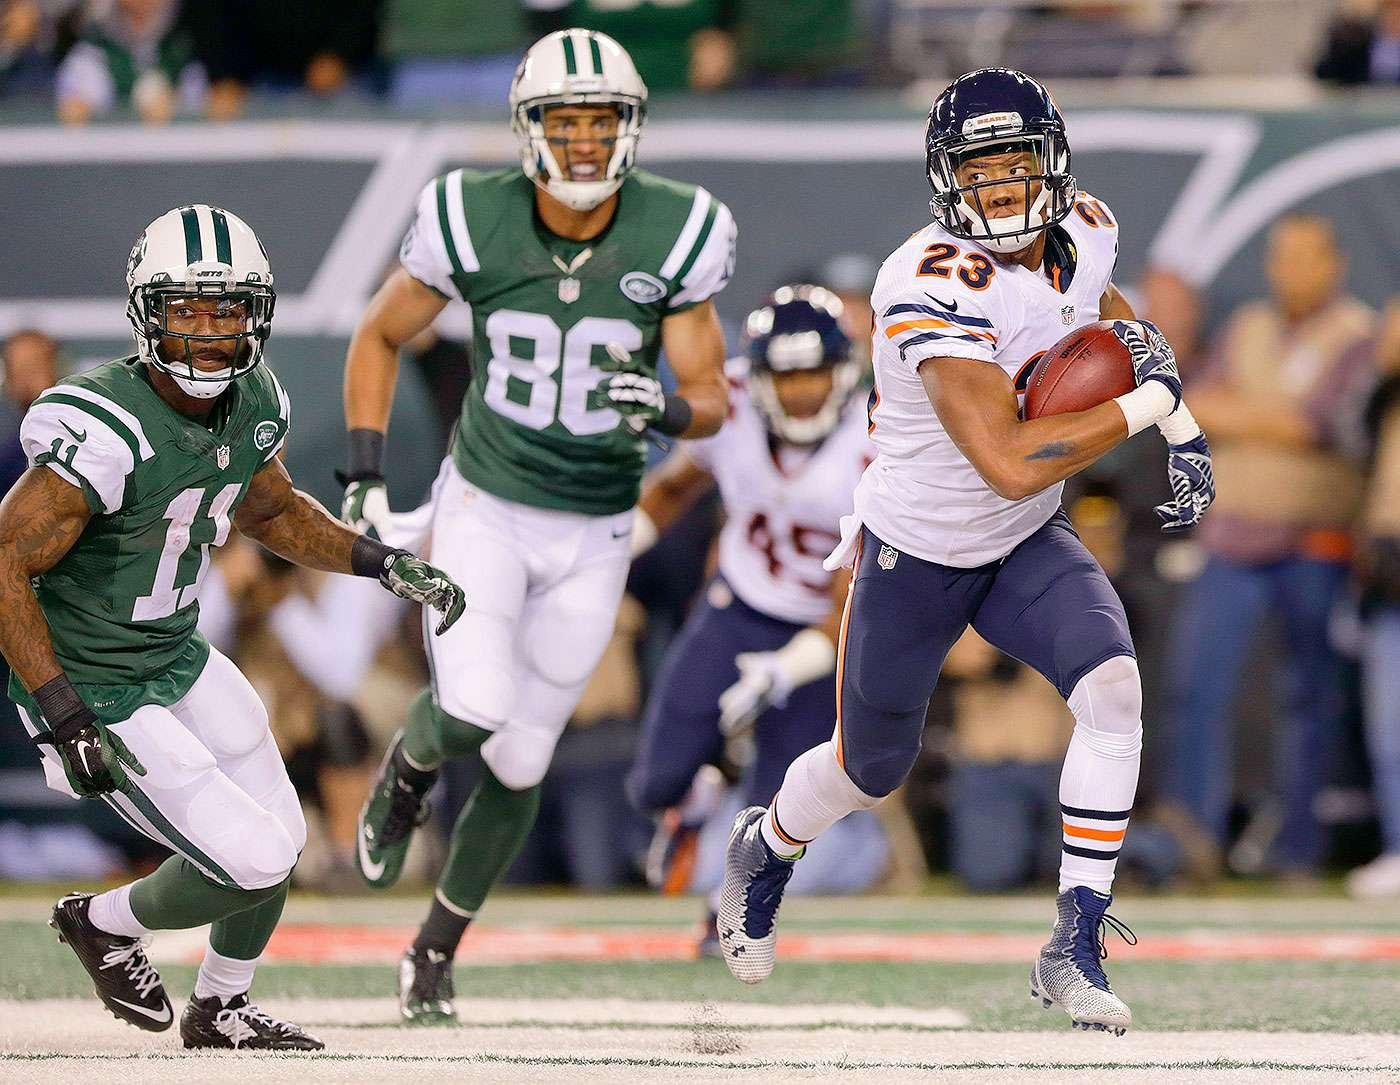 El esquinero Ryan Mundy abrió el camino con un regreso de intercepción a la zona de anotación de 45 yardas y Jay Cutler lanzó dos pases para touchdown a Martellus Bennett, y los Chicago Bears (2-1) vencieron 27-19 a los New York Jets (1-2) en el cierre de la semana 3 de la NFL. Foto: AP